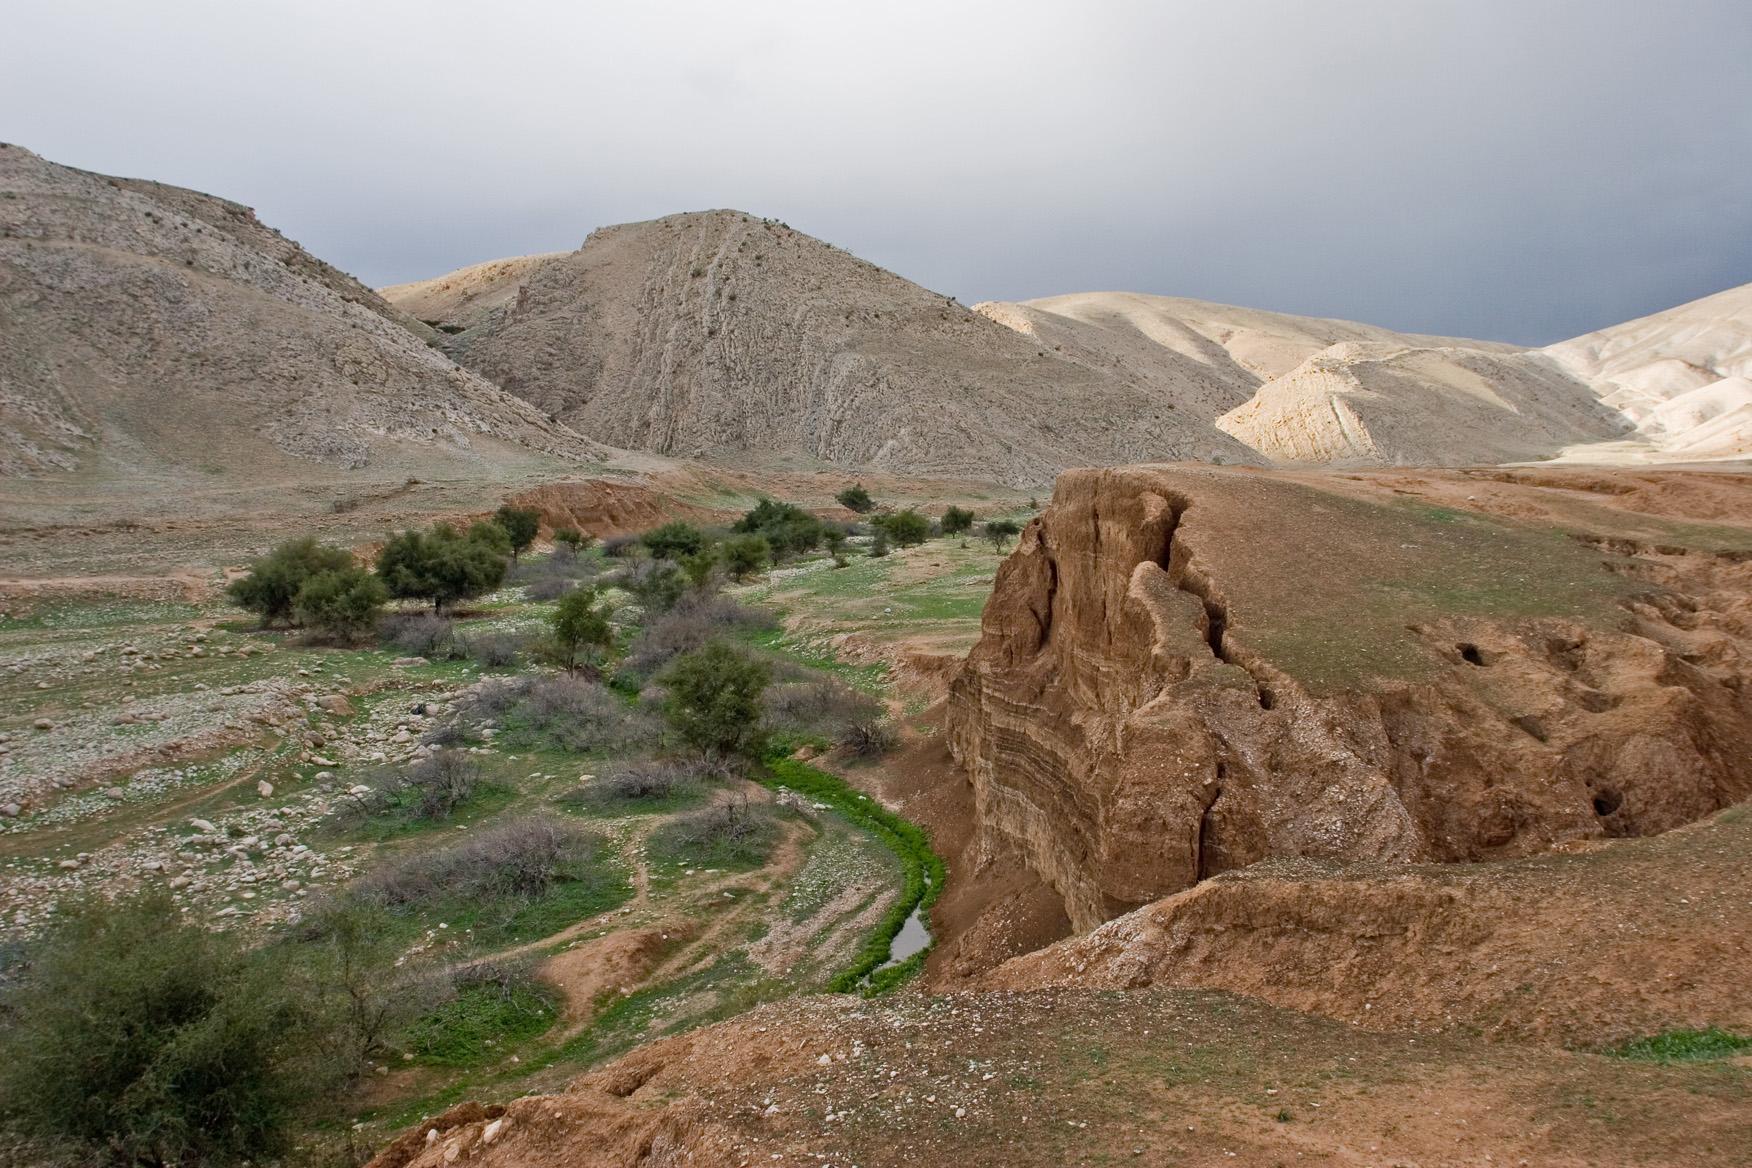 הירדן אזור קאסר אל-יהוד (צילום: דורון ניסים) (צילום: דורון ניסים)